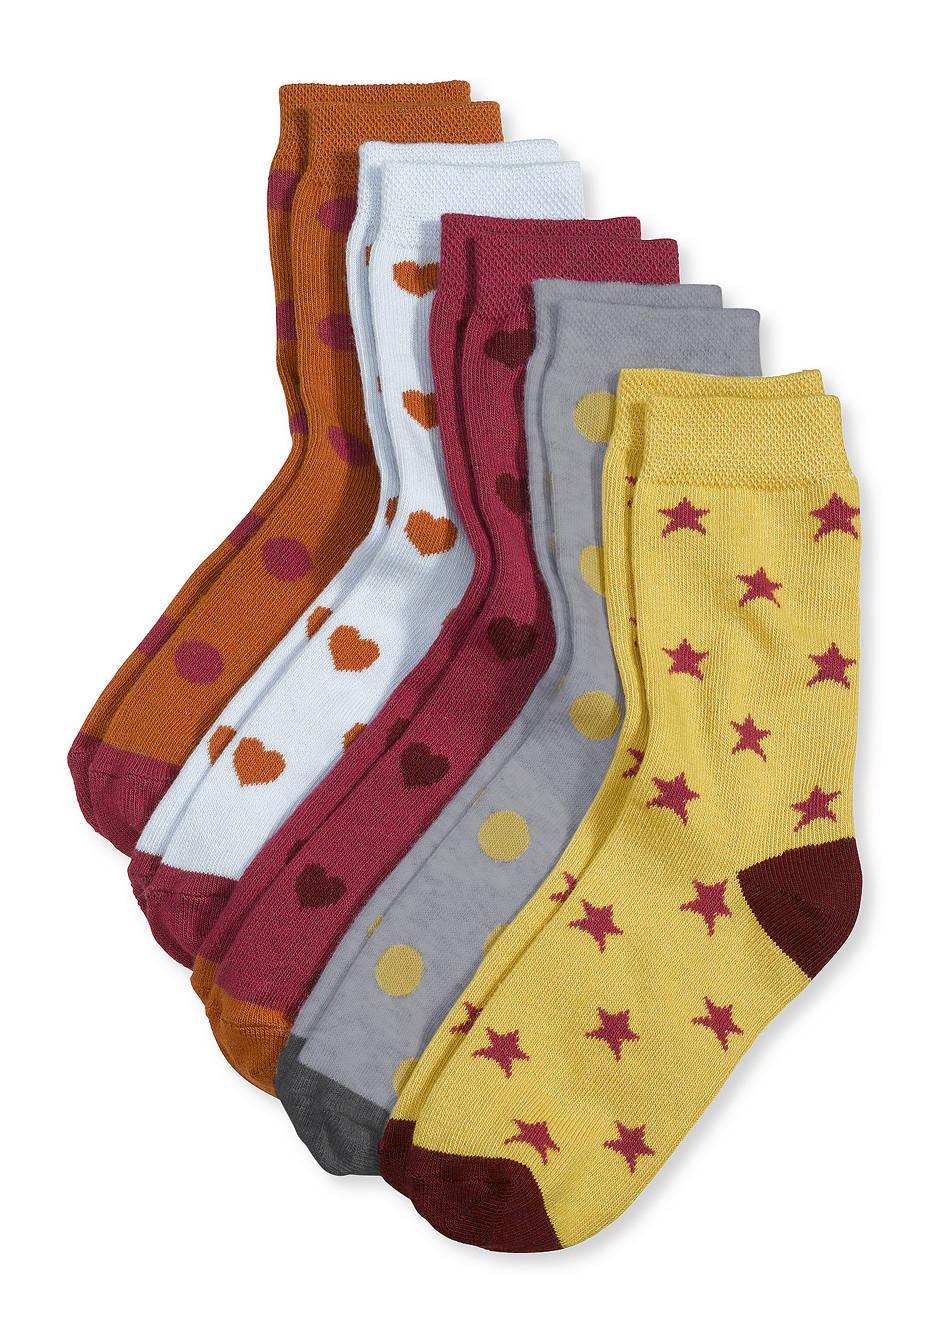 Socke im 5er-Set aus Bio-Baumwolle